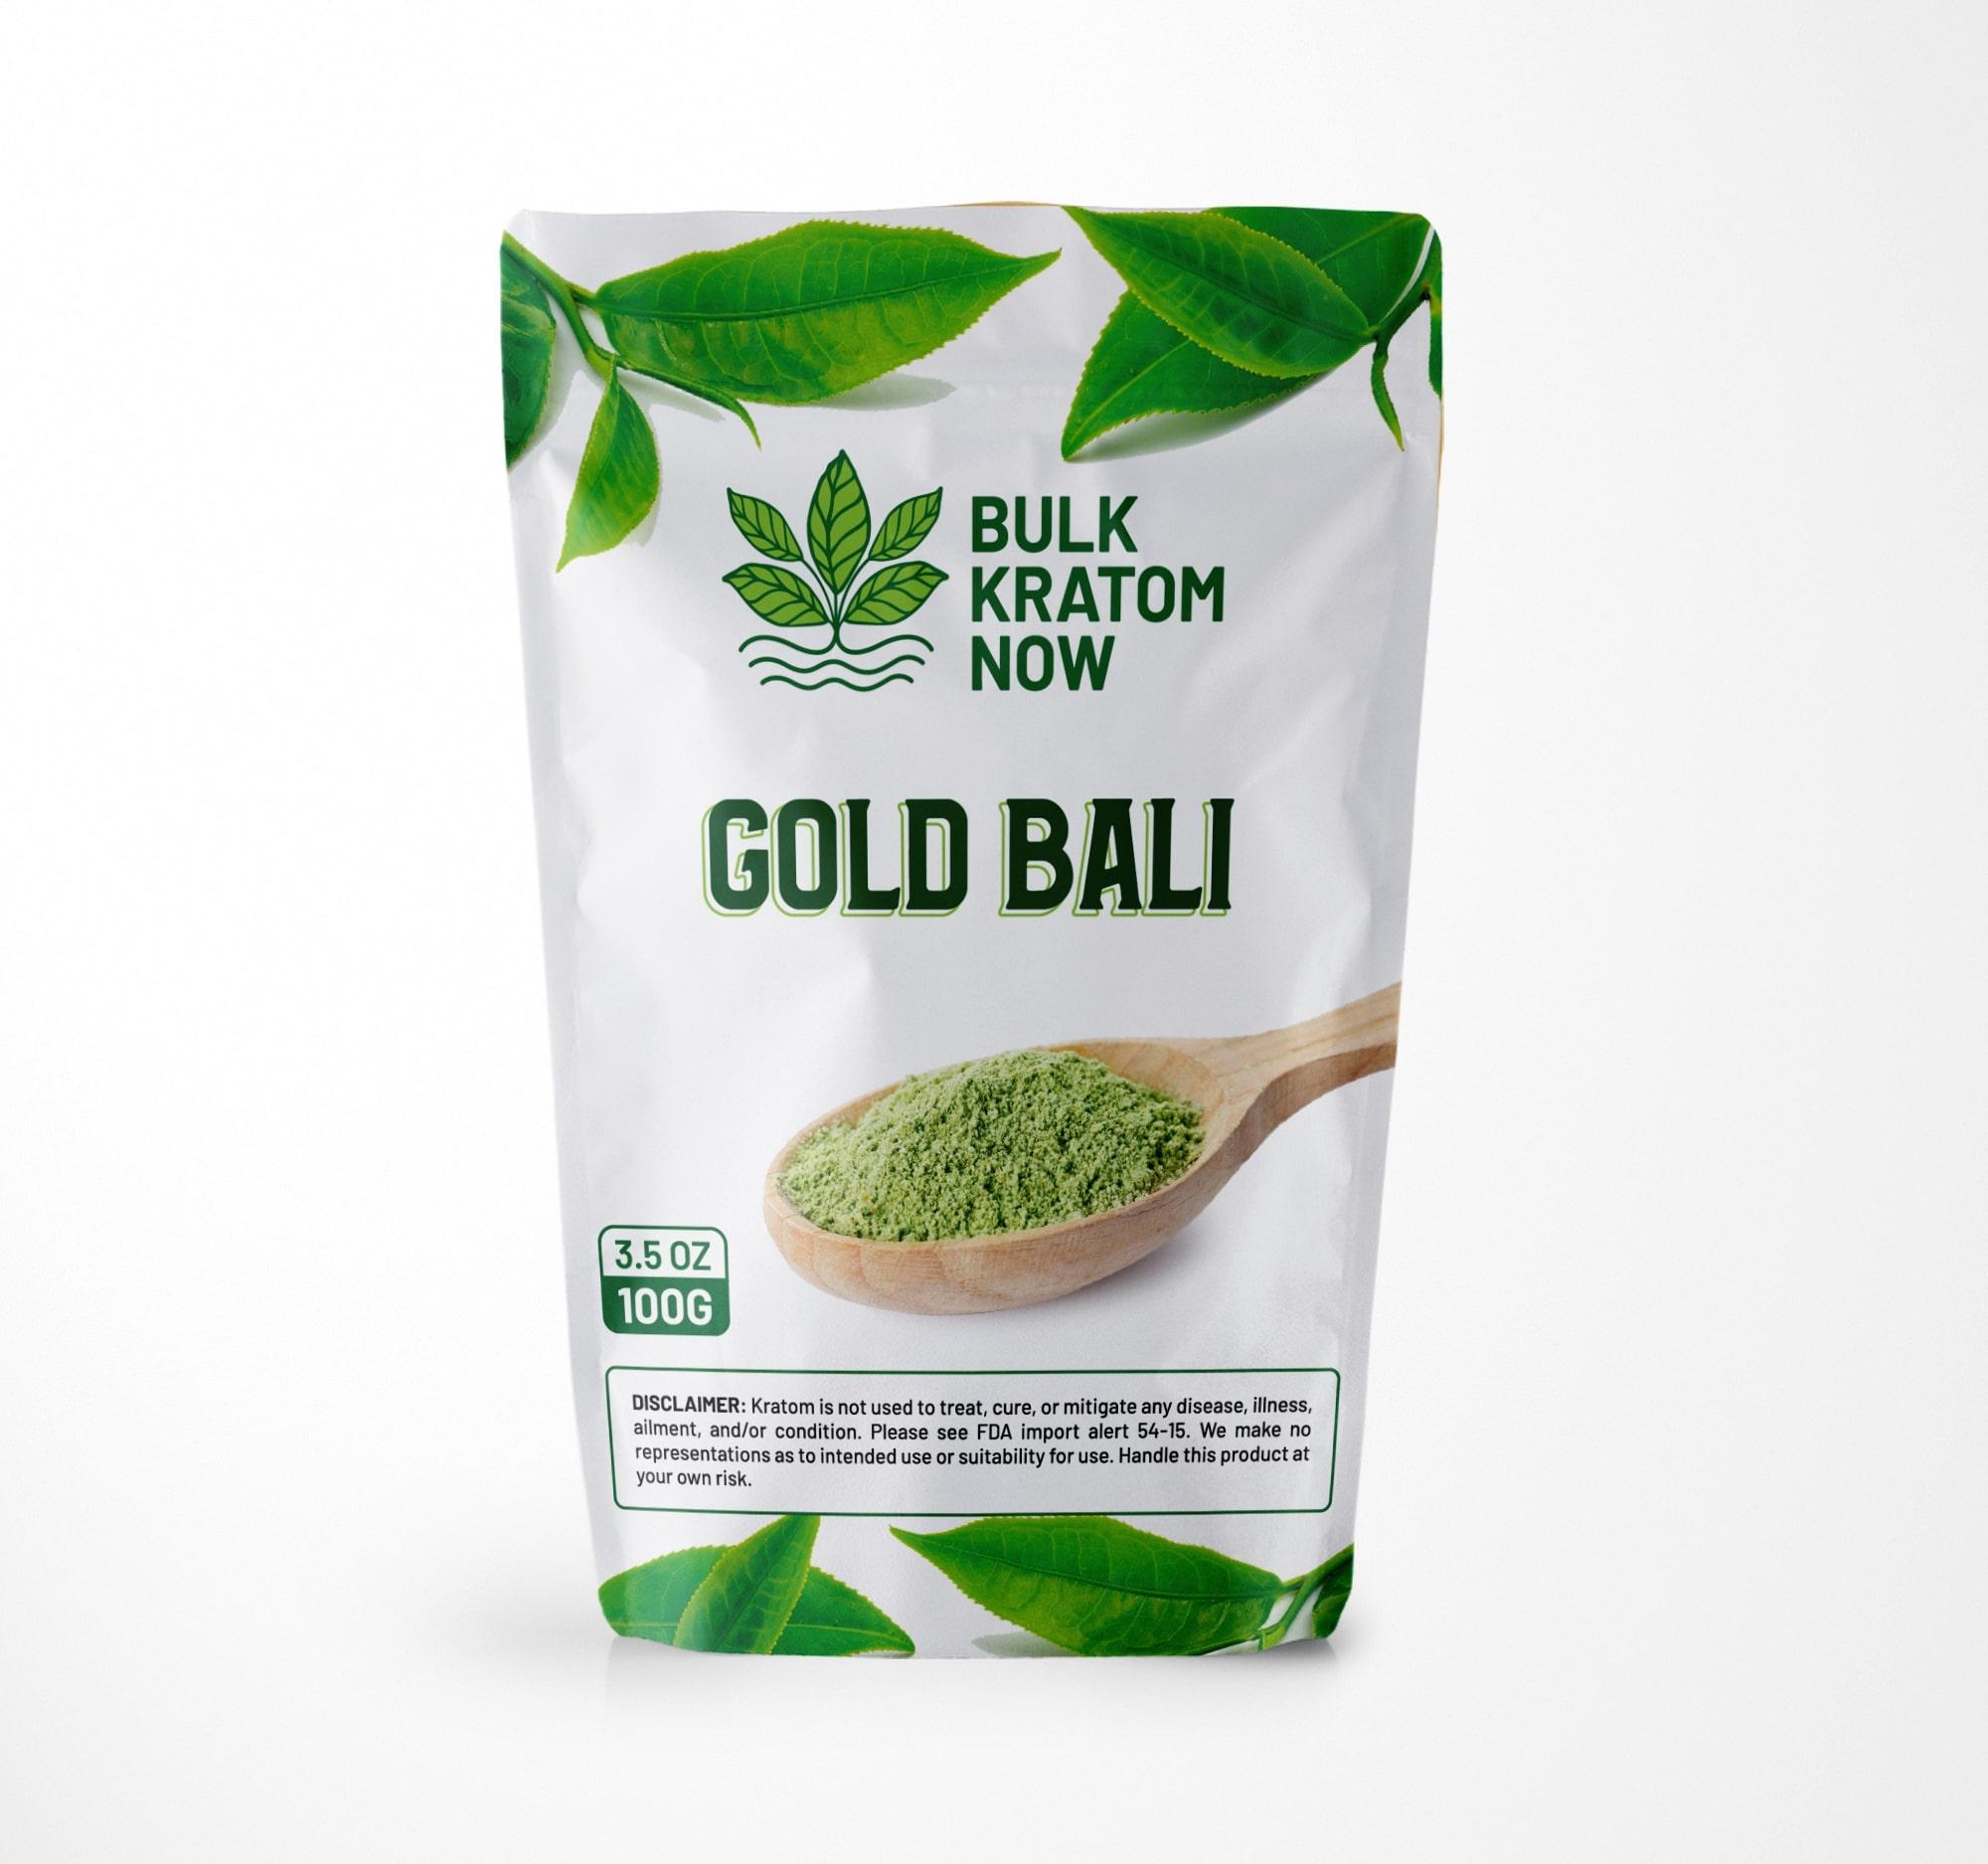 Gold Bali Bulk Kratom